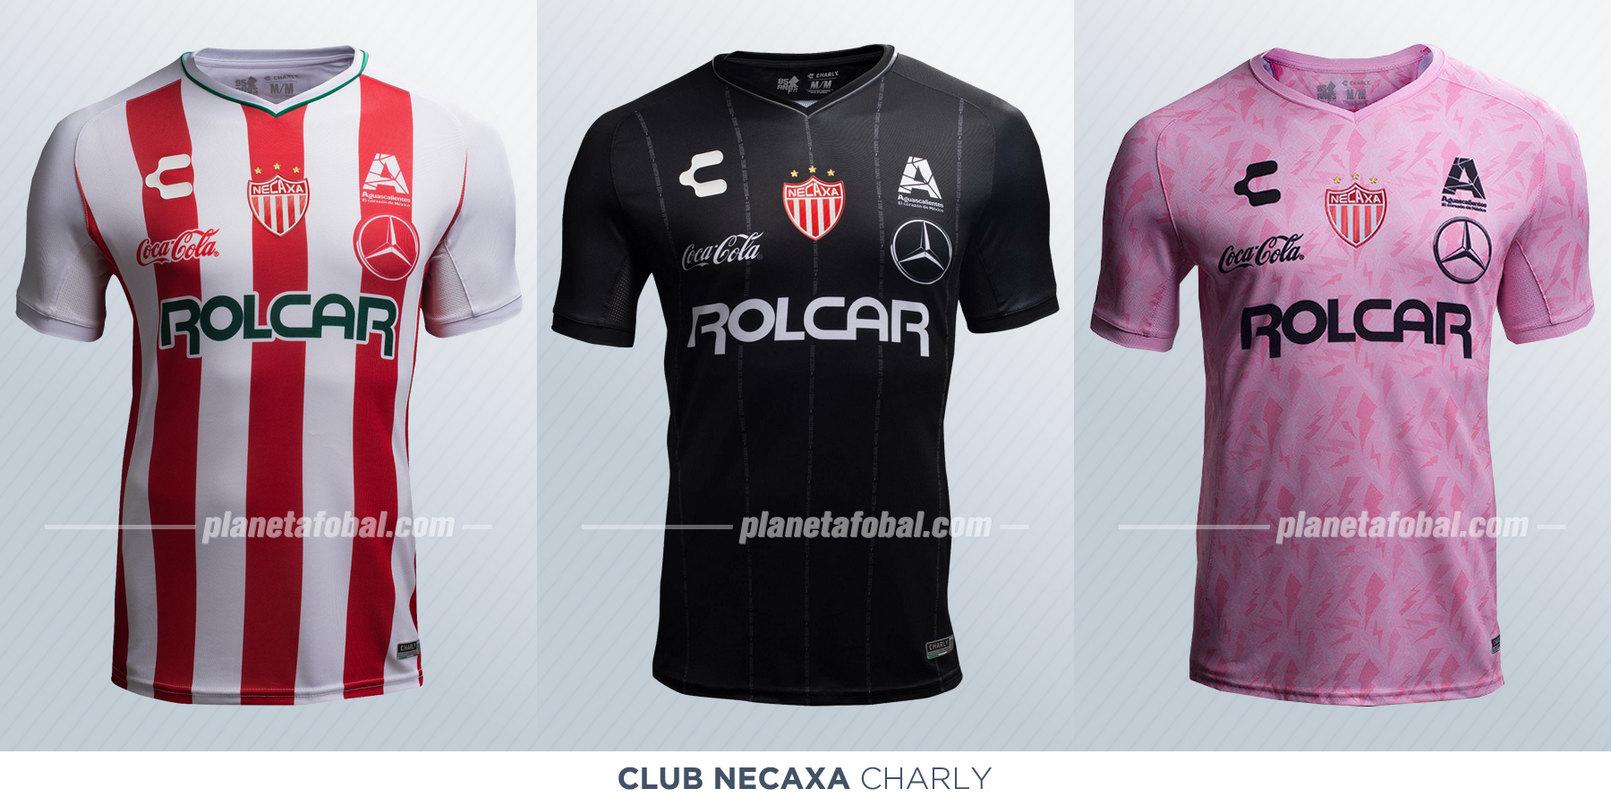 c8c14d8441b4e Camisetas del Club Necaxa (Charly)